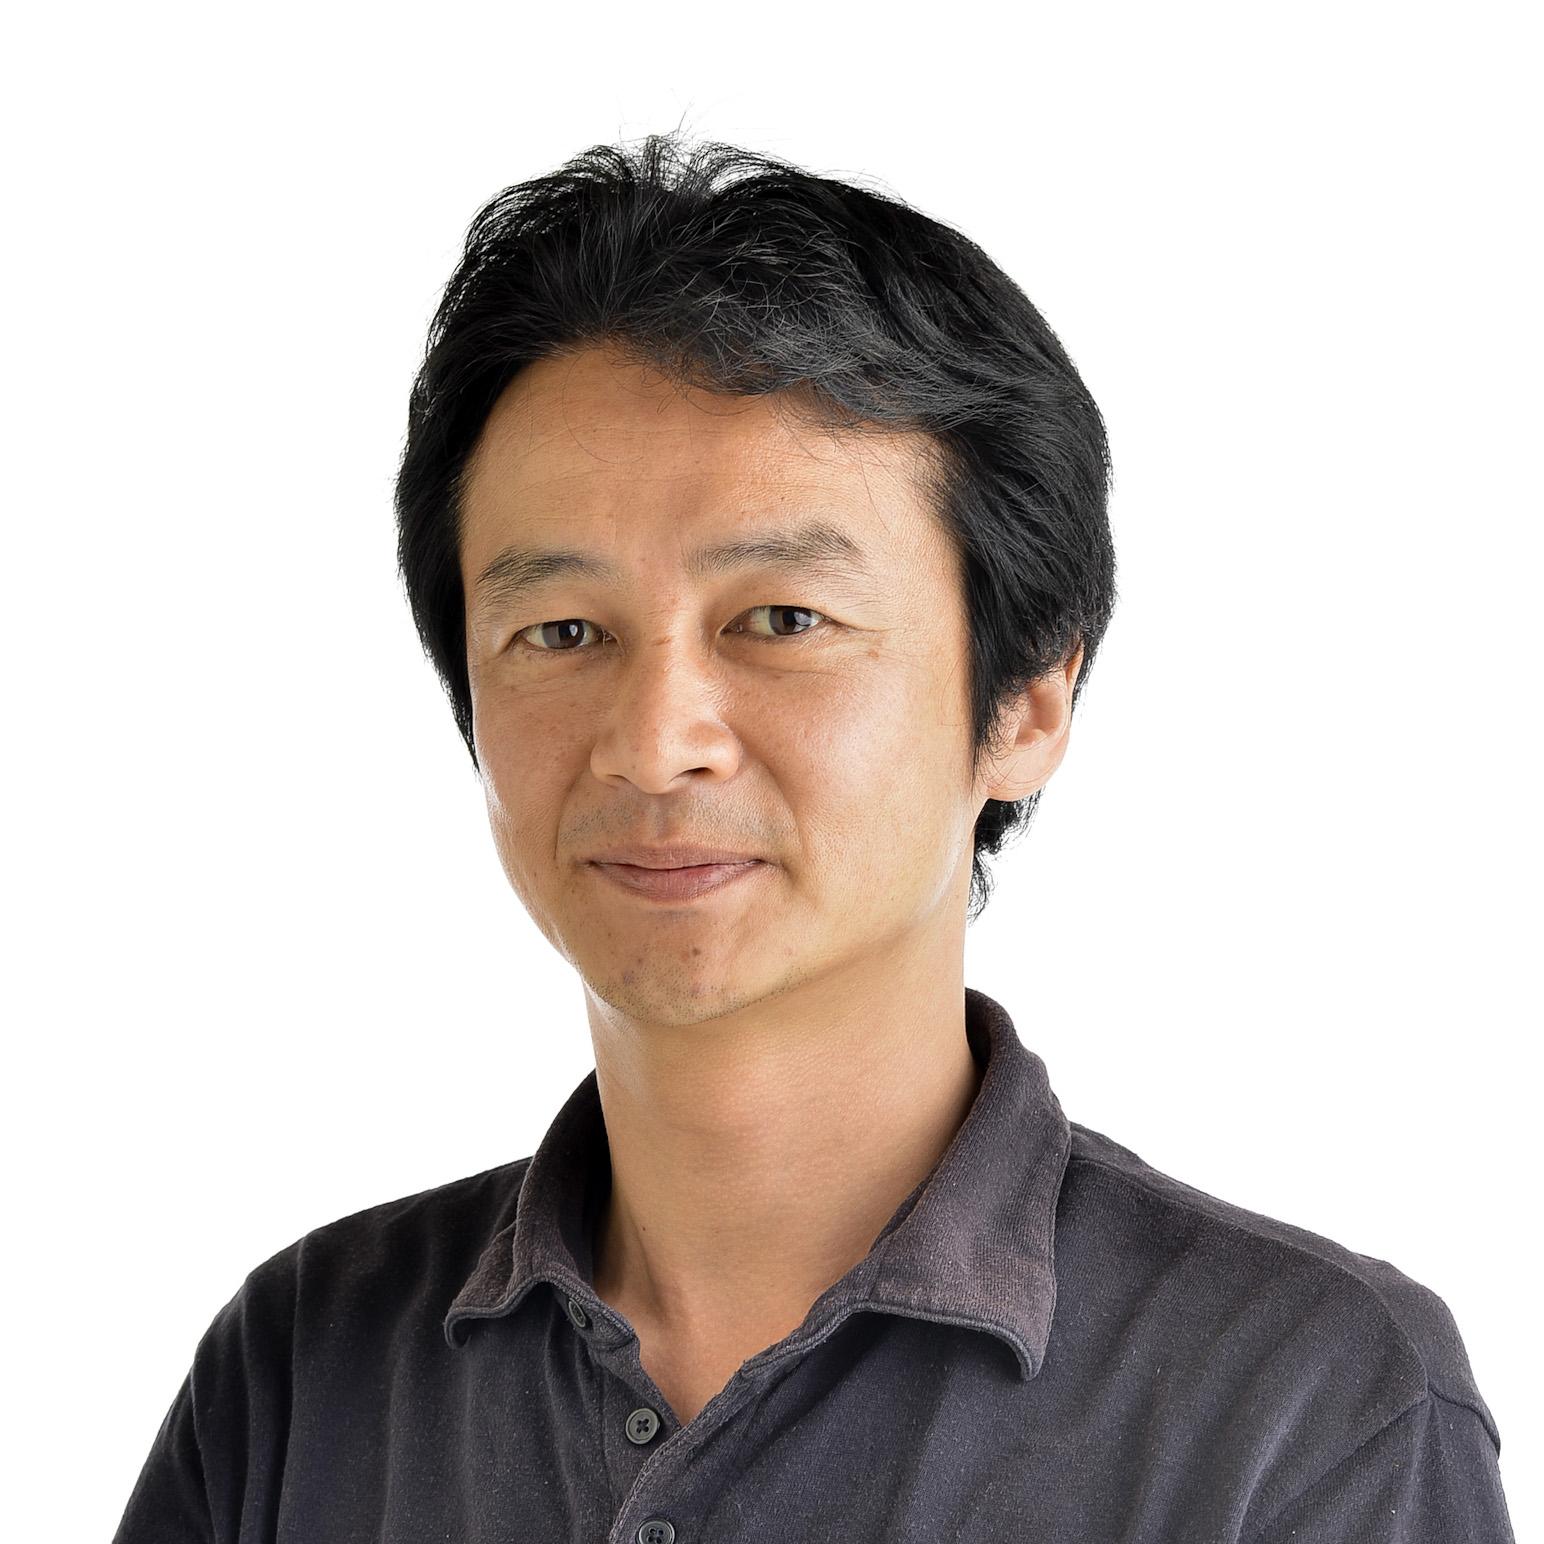 田川 尚吾